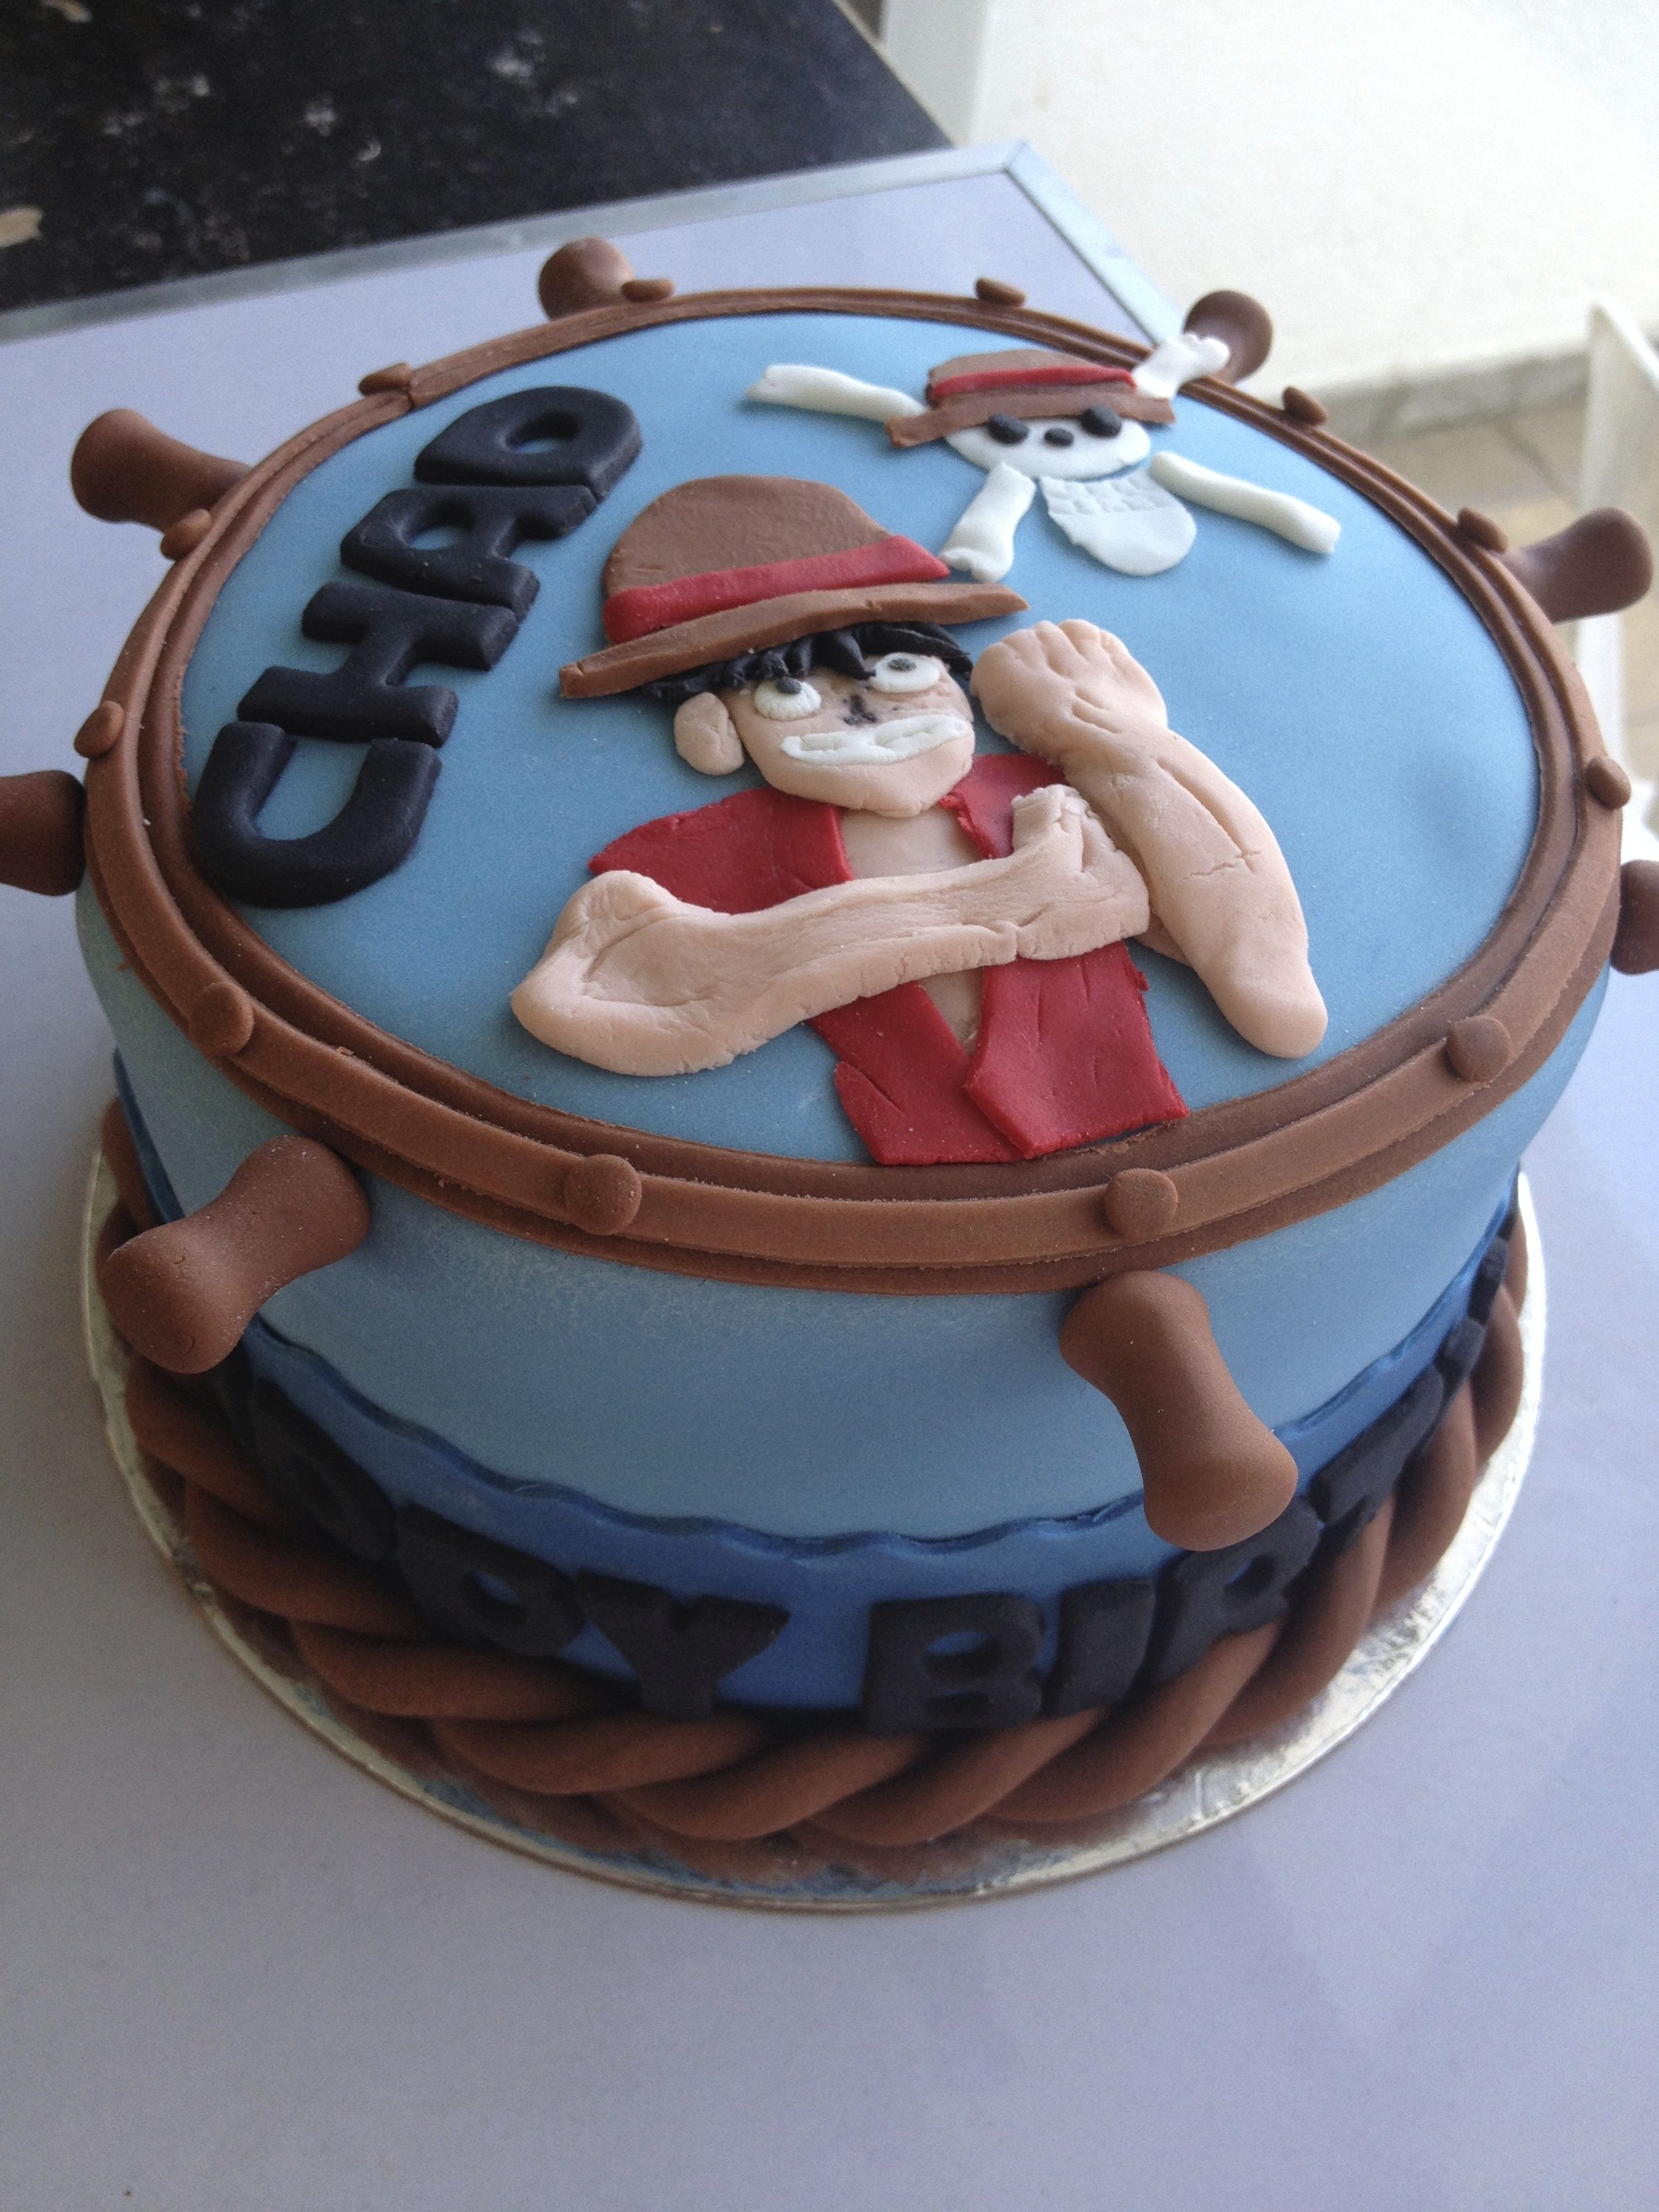 Luffy One Piece Cake Belle S Sweet Treats In 2019 Pinterest